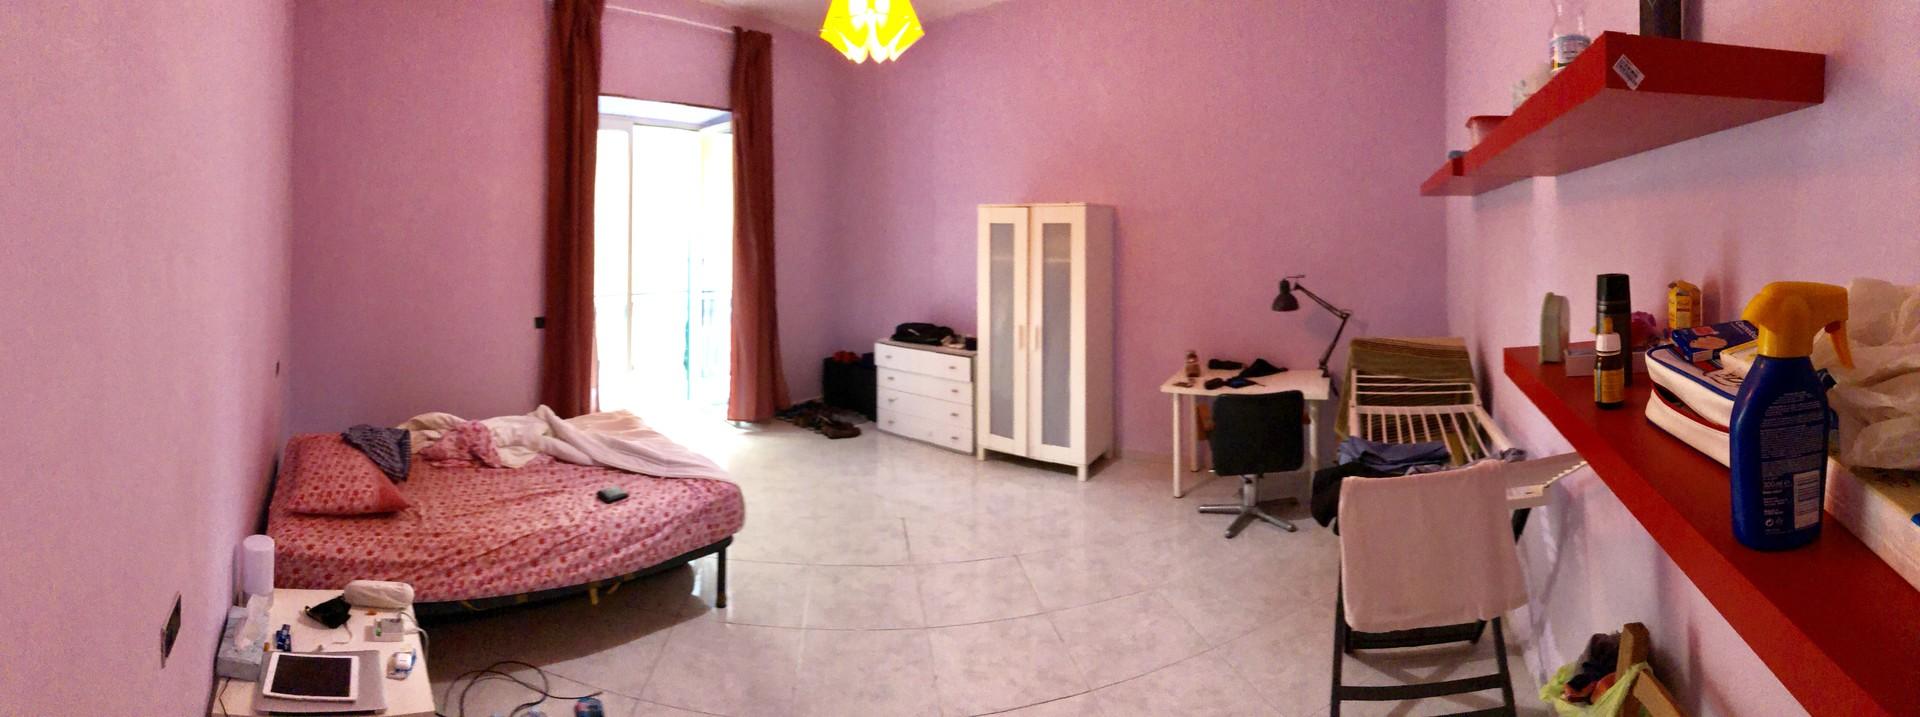 habitacion-grande-piso-compartido-7a3194de1a48d6797f0507bebc4c53a1